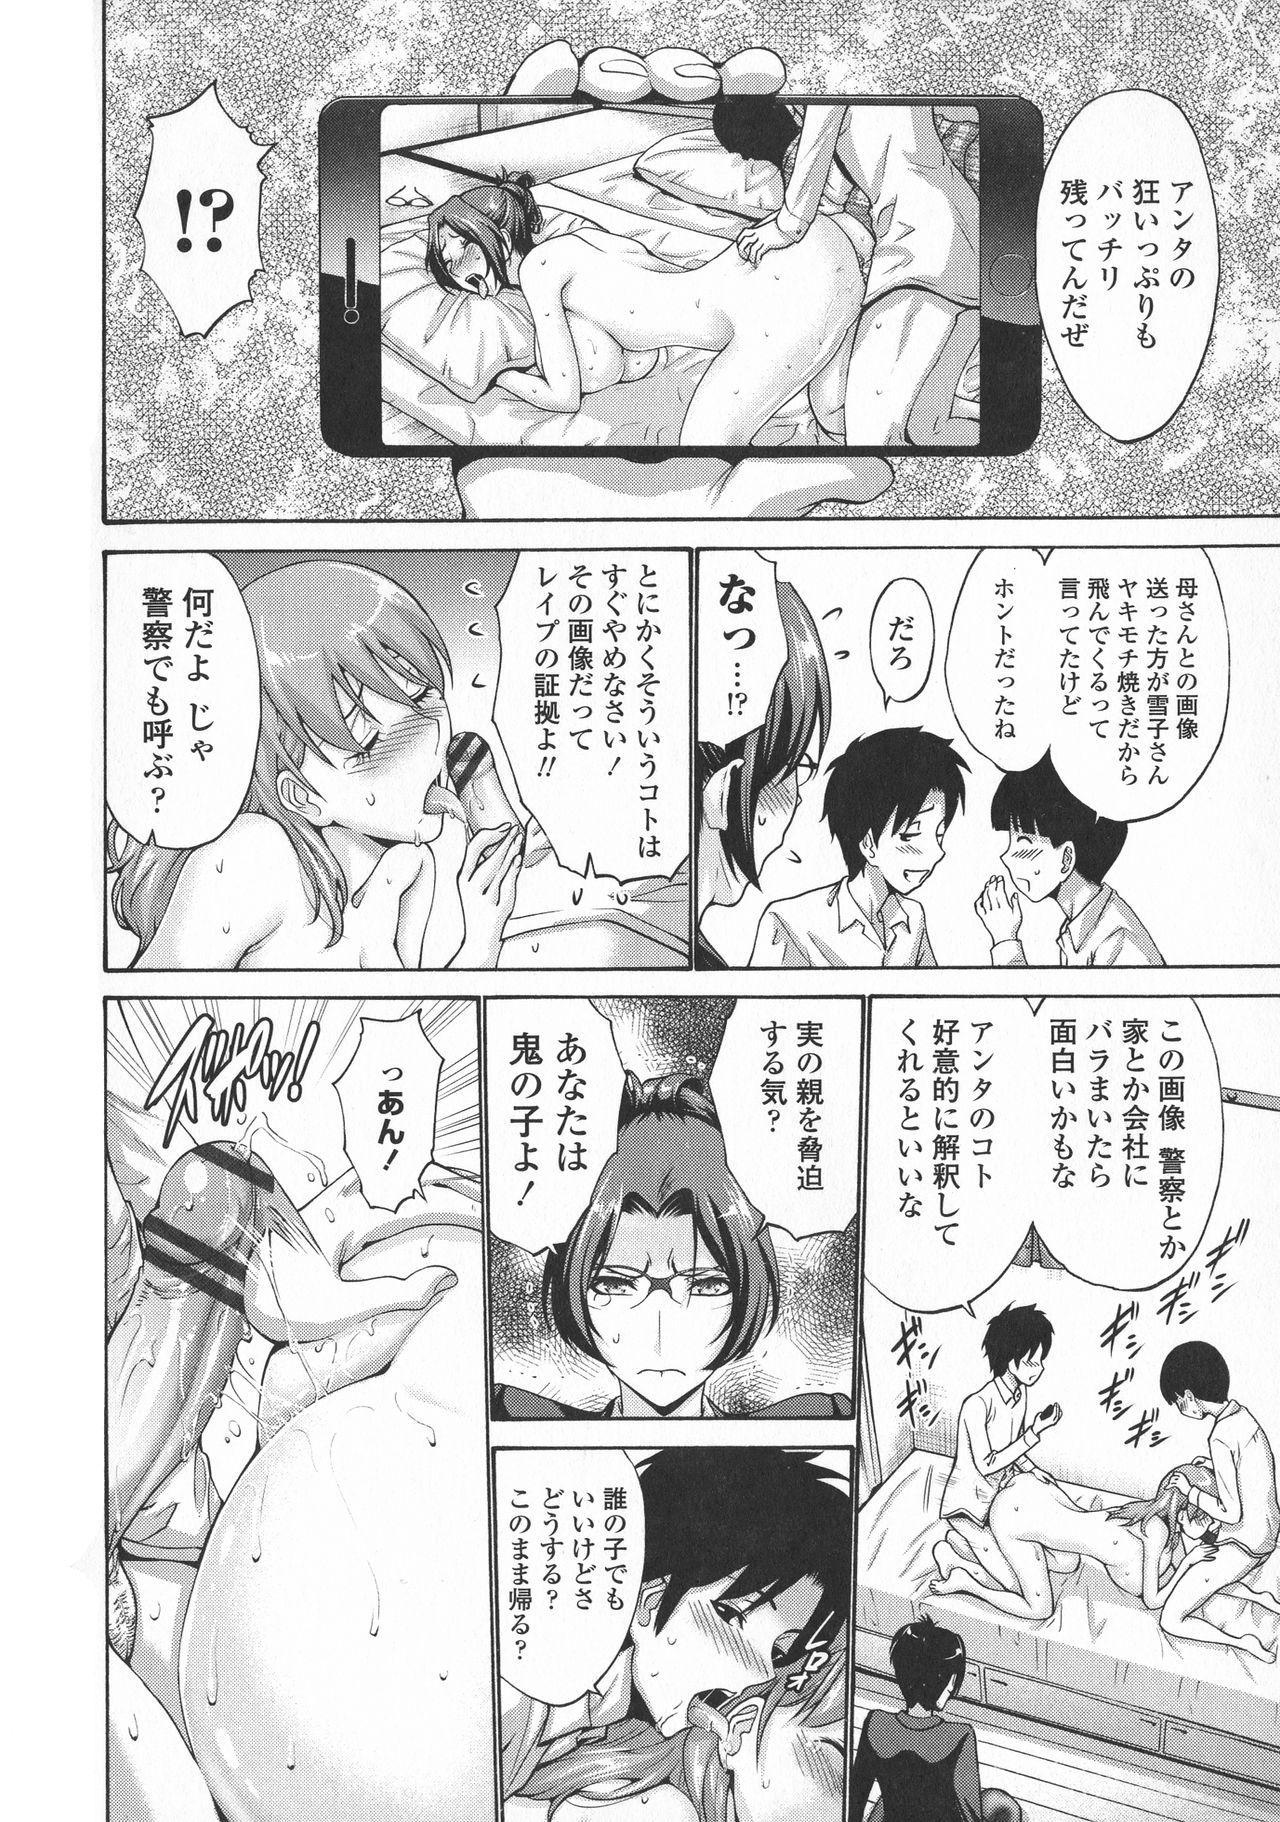 Tomodachi no Haha wa Boku no Mono - His Mother is My Love Hole 55